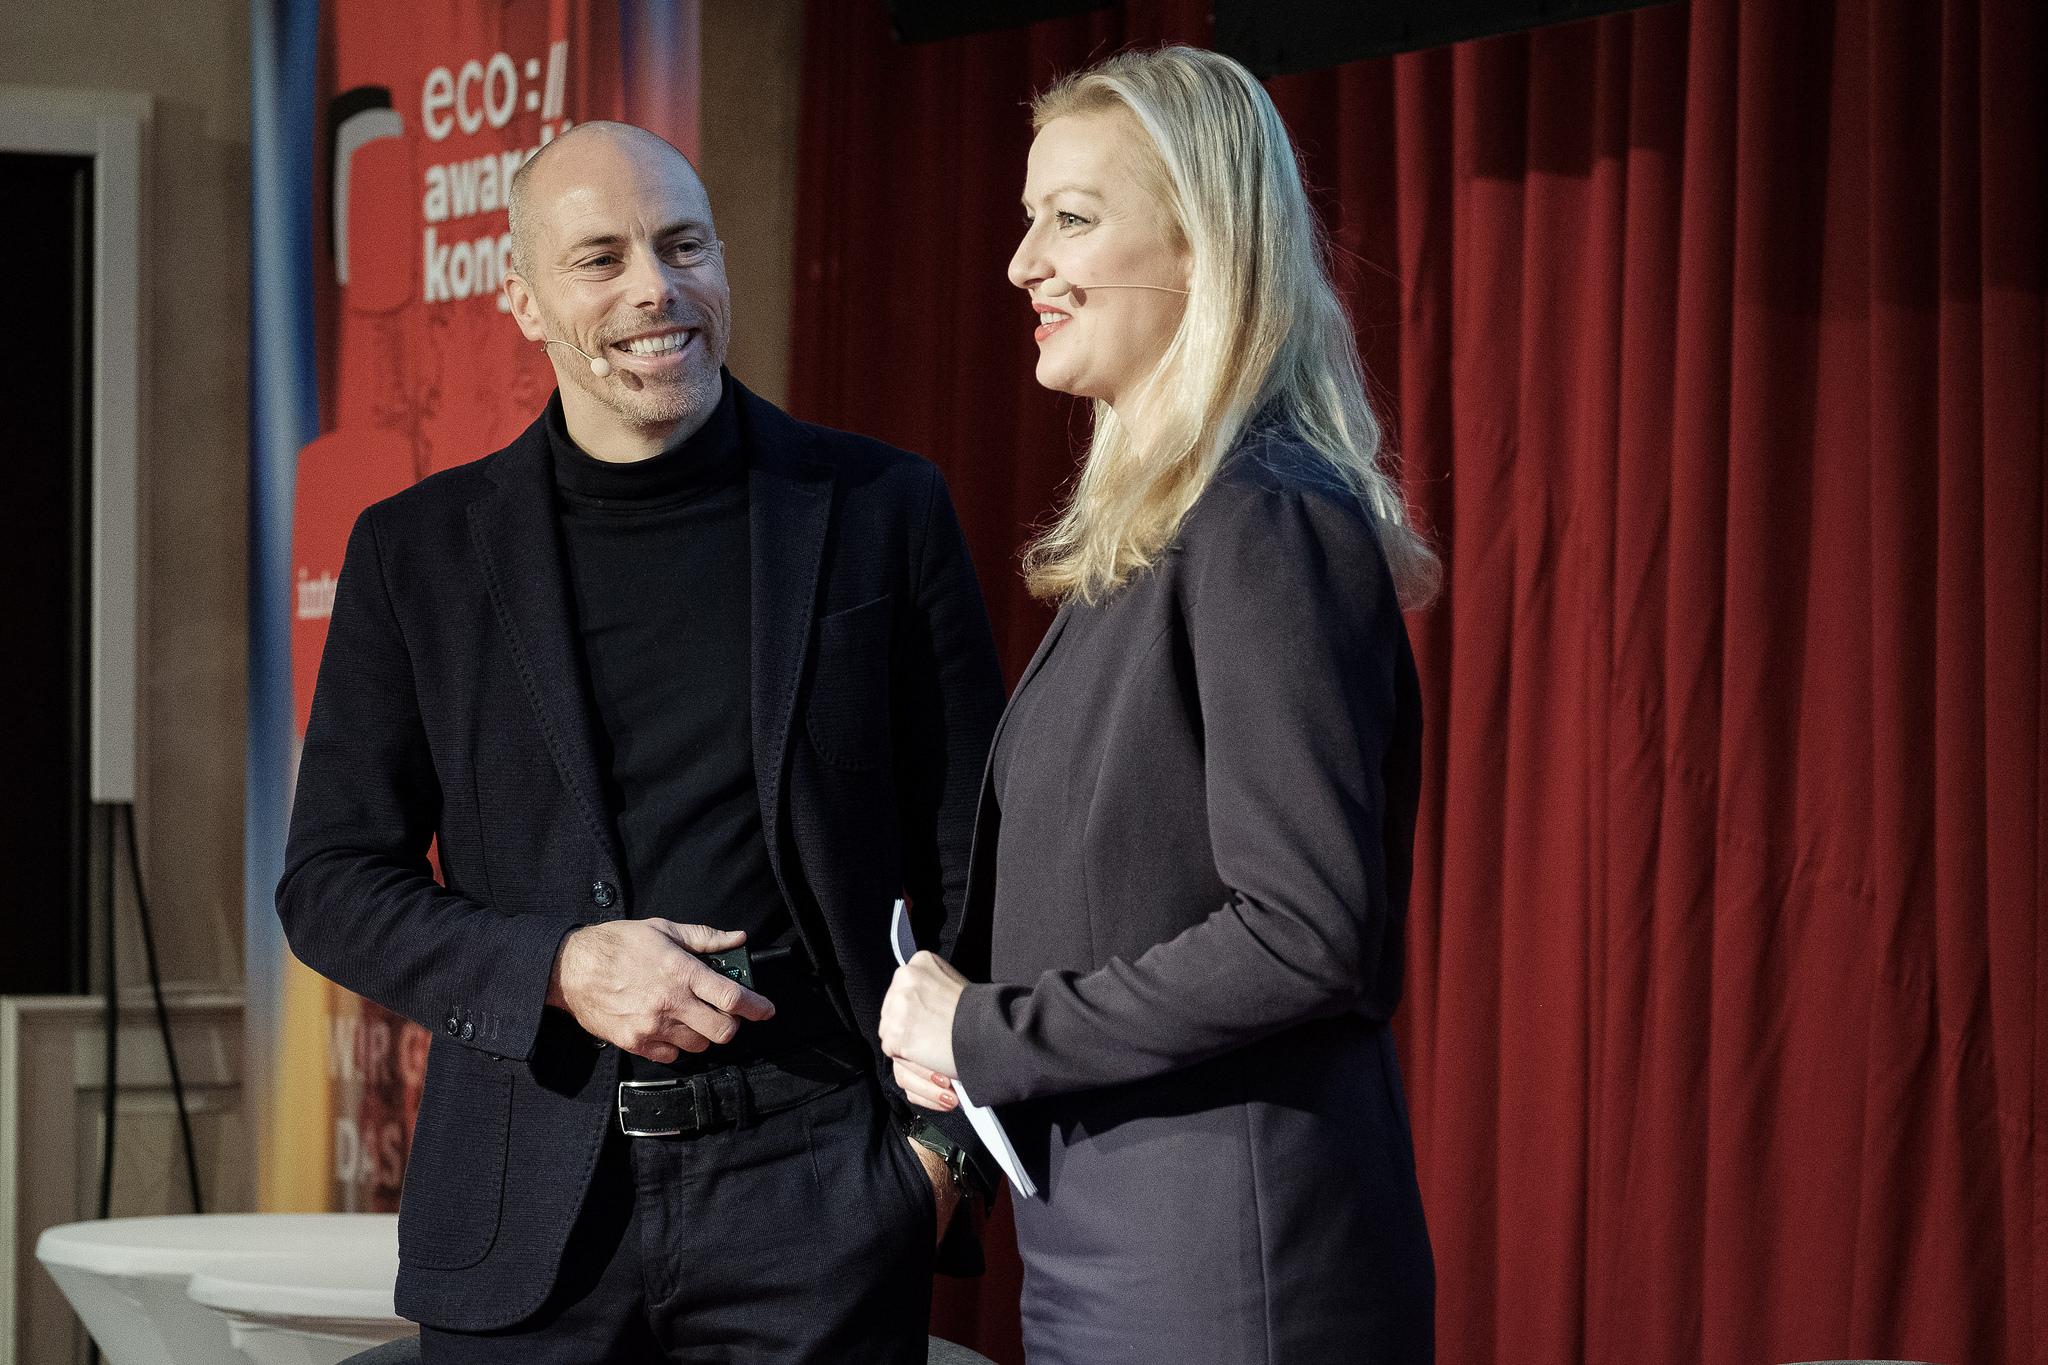 eco://kongress & eco:awards: Gemeinsam die digitale Zukunft gestalten 7